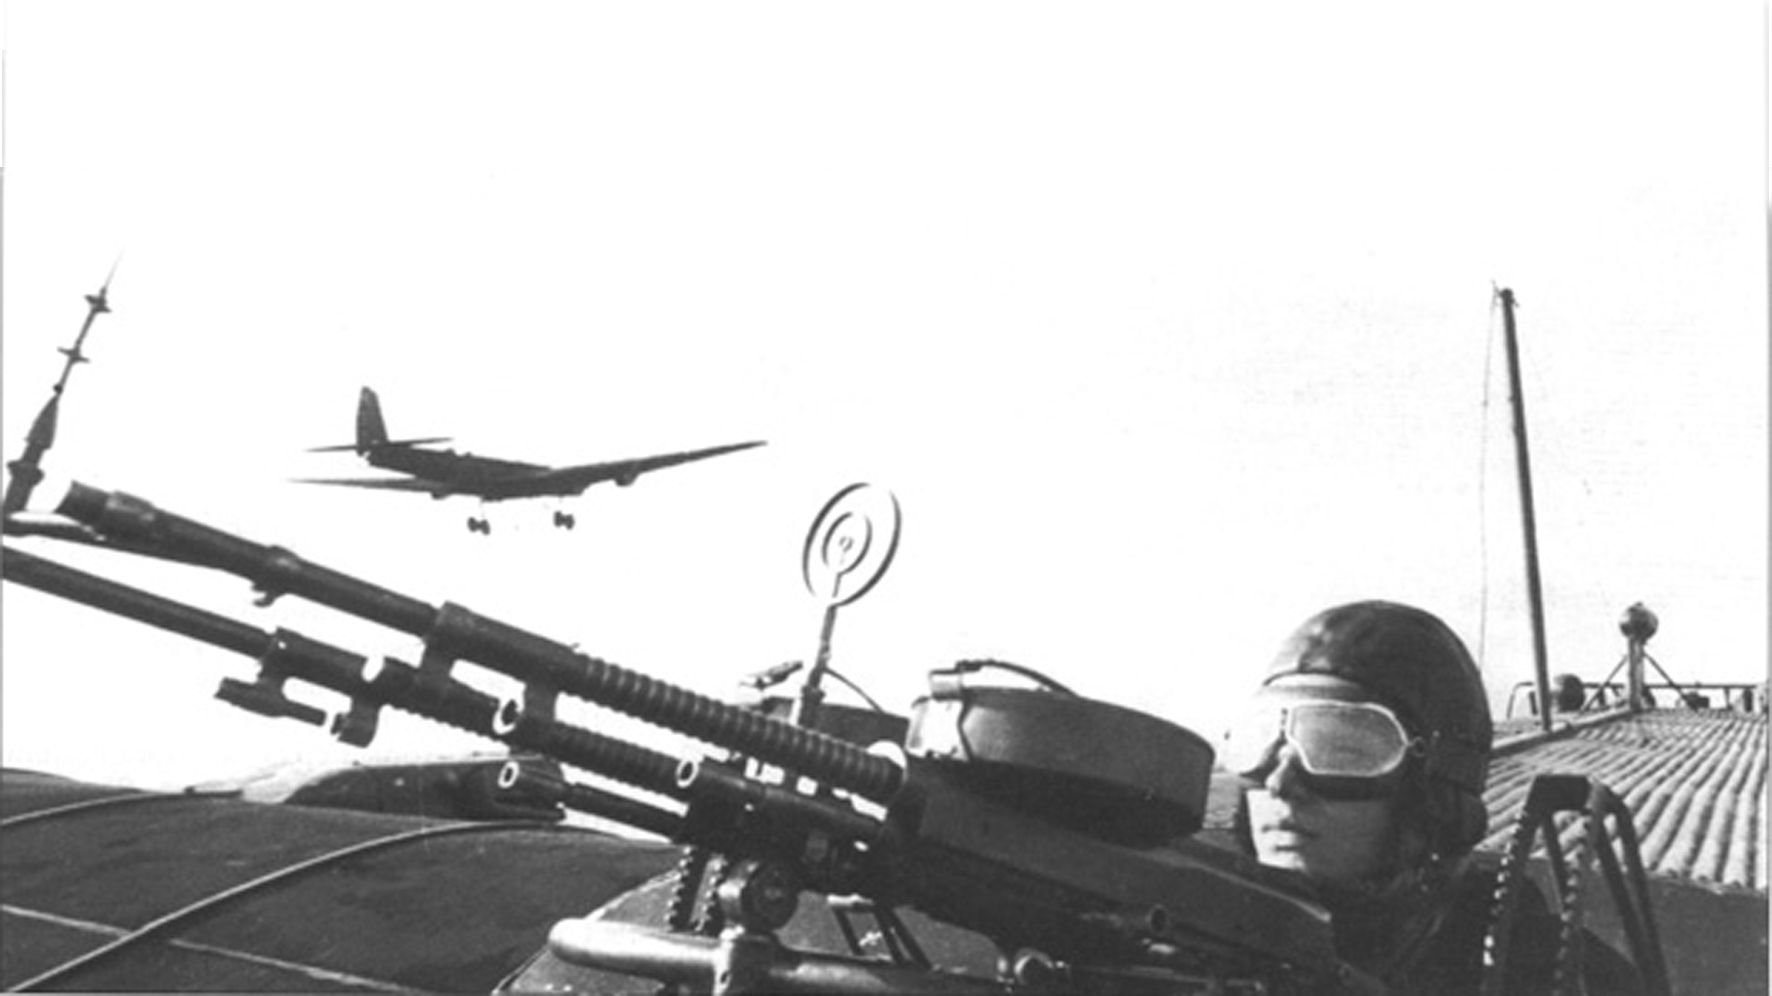 Бортстрелок ТБ-3 за пулеметом верхней огневой точки. По меркам начала 30-ых, спарка 7,62-мм пулеметов была вполне адекватным оружием против аналогично вооруженных истребителей...